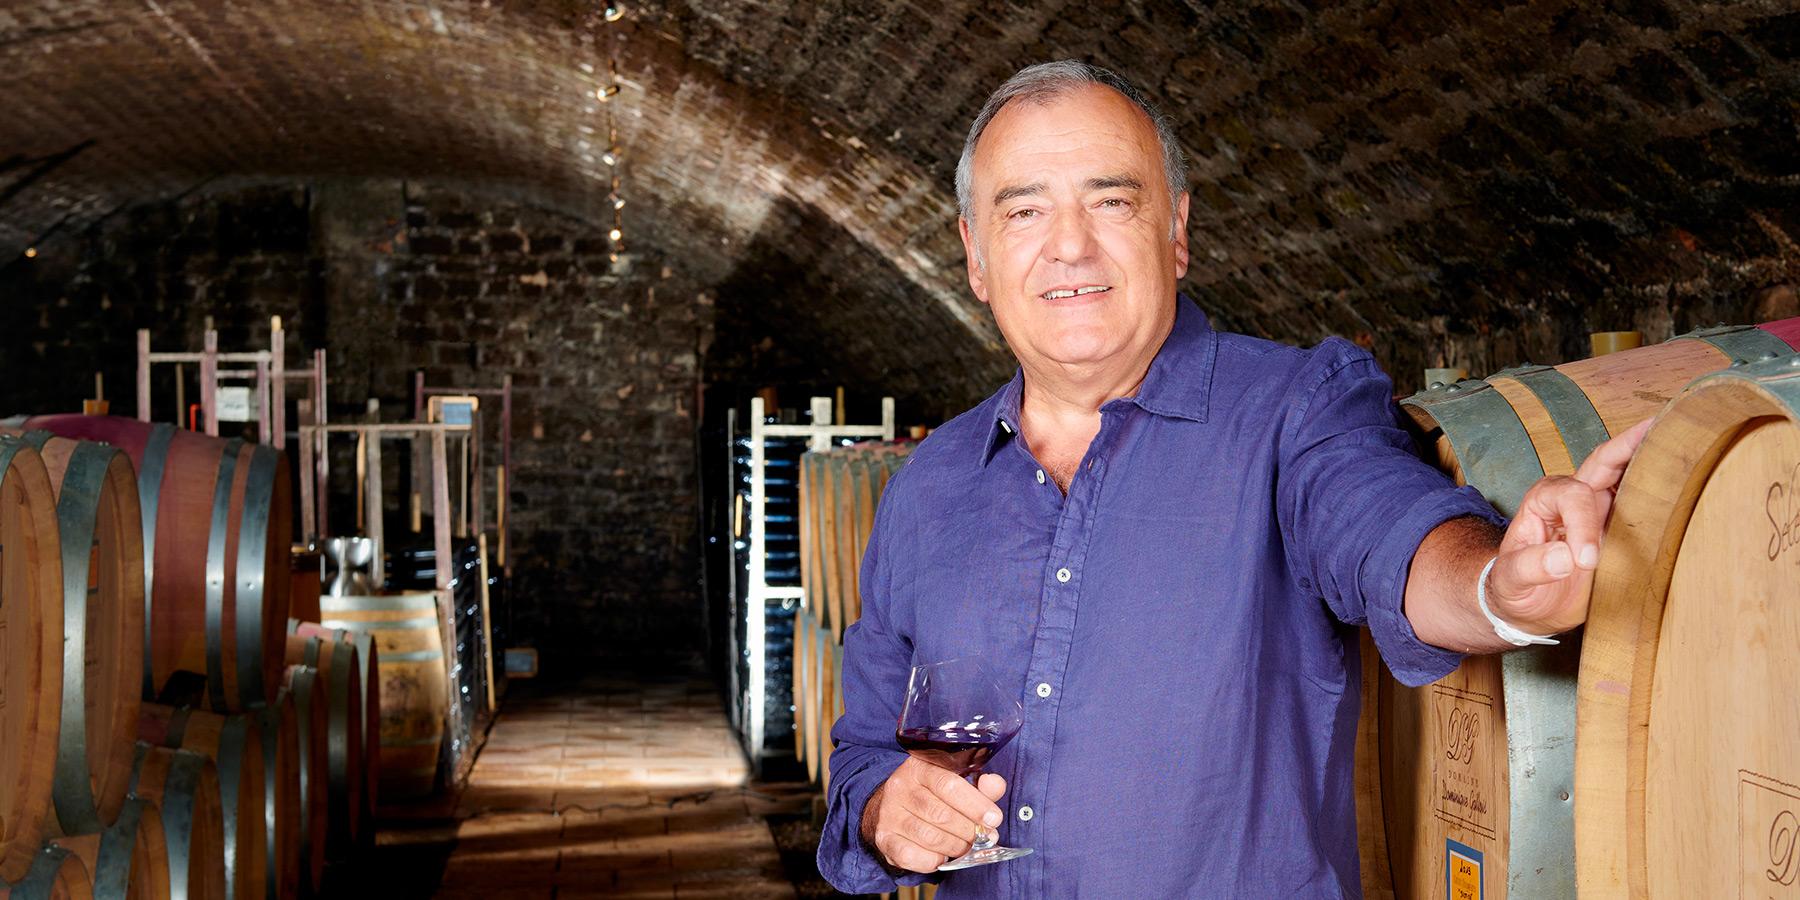 Domaine viticole Gallois - Vins de Bourgogne Gevrey Chambertin - Dijon Beaune